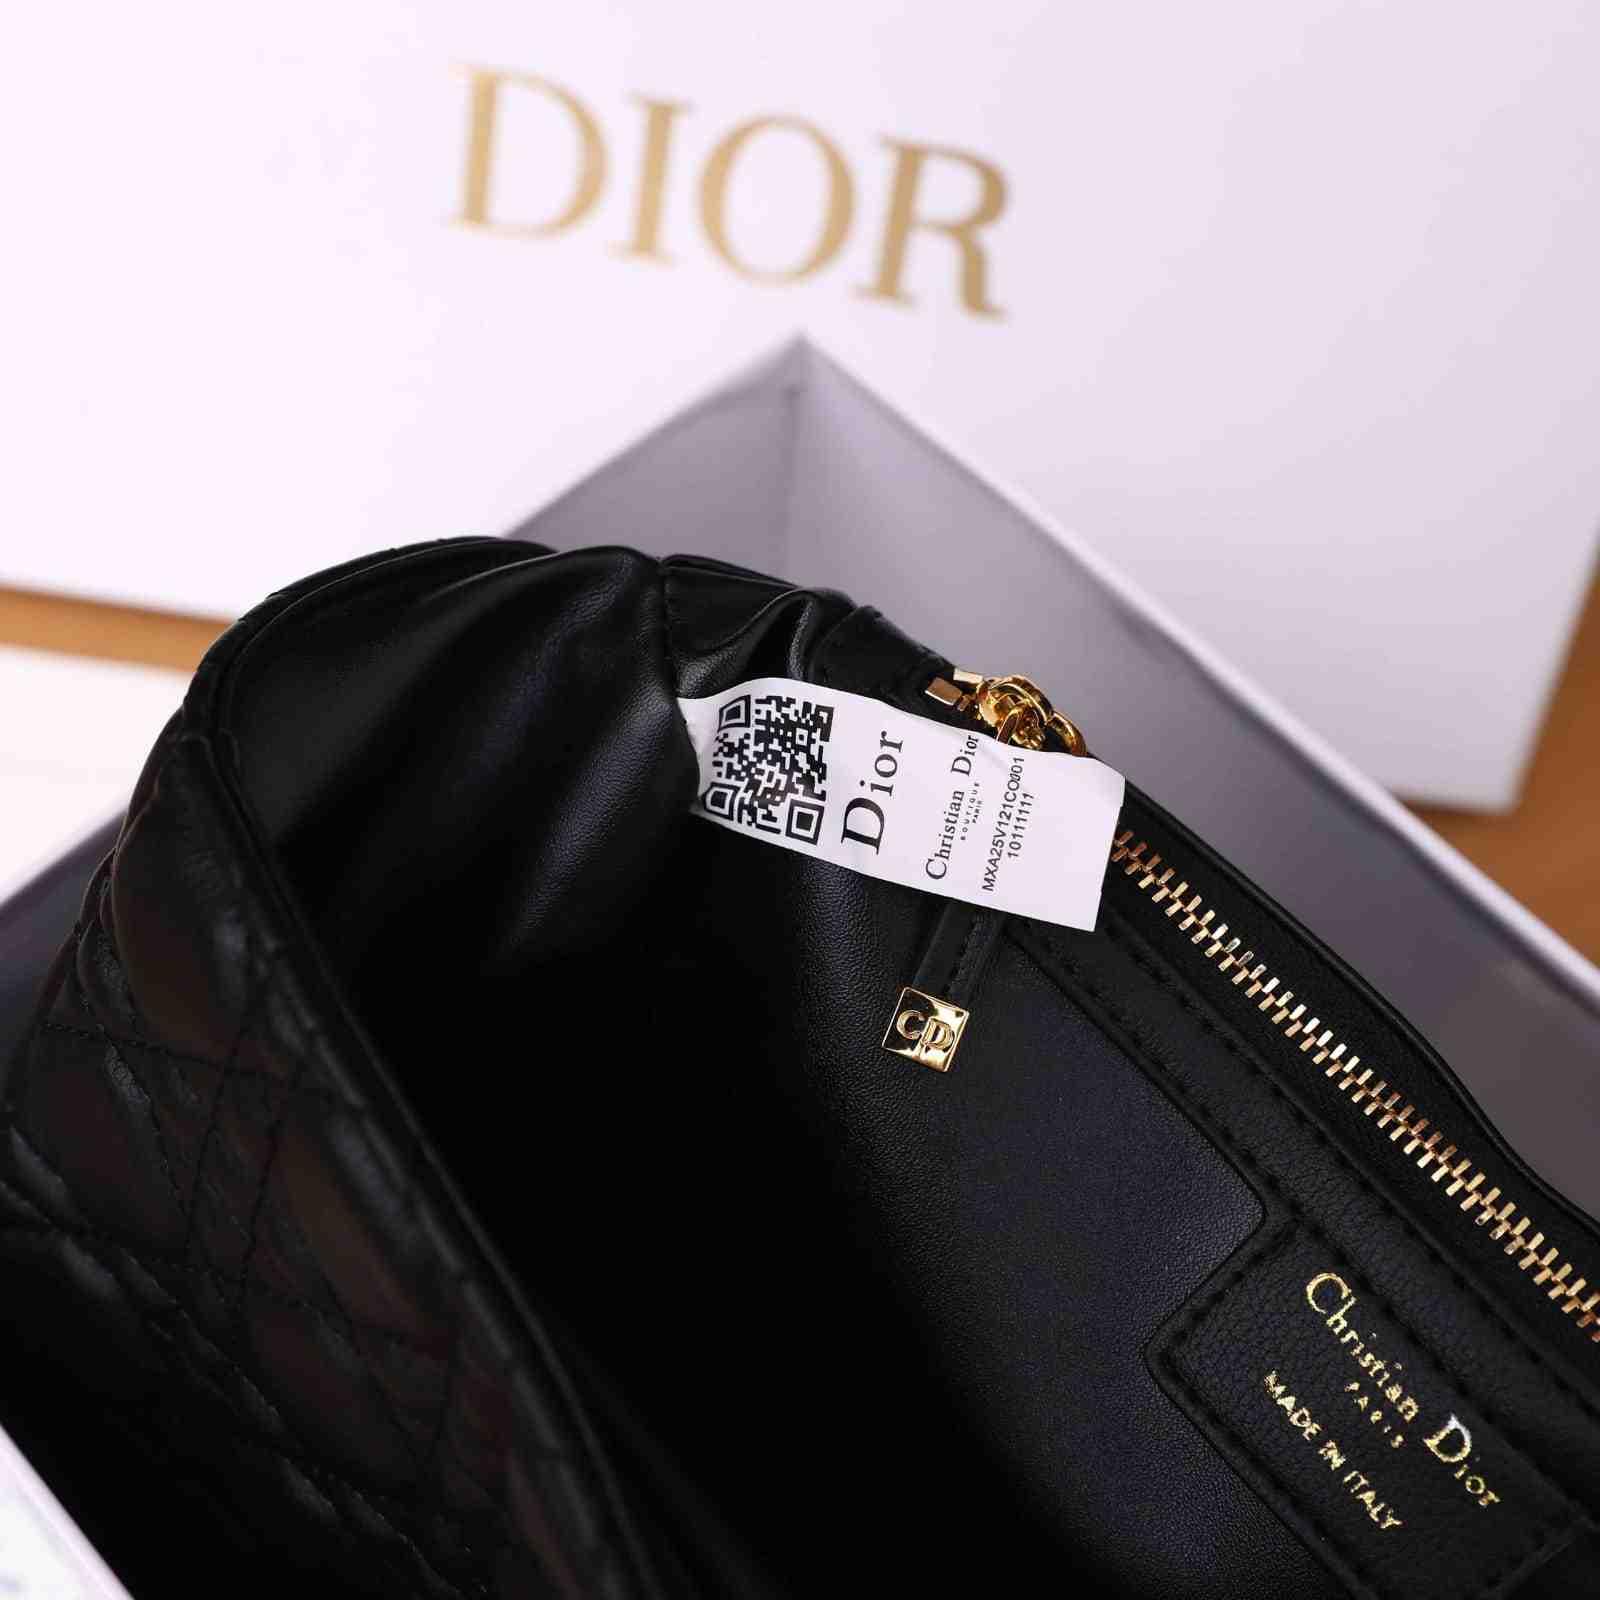 Tas DIOR SELEMPANG TERBARU,Christian Dior Caro Bag Combines Modernity Platinum Kode CD4094,Tas DIOR BATAM 2